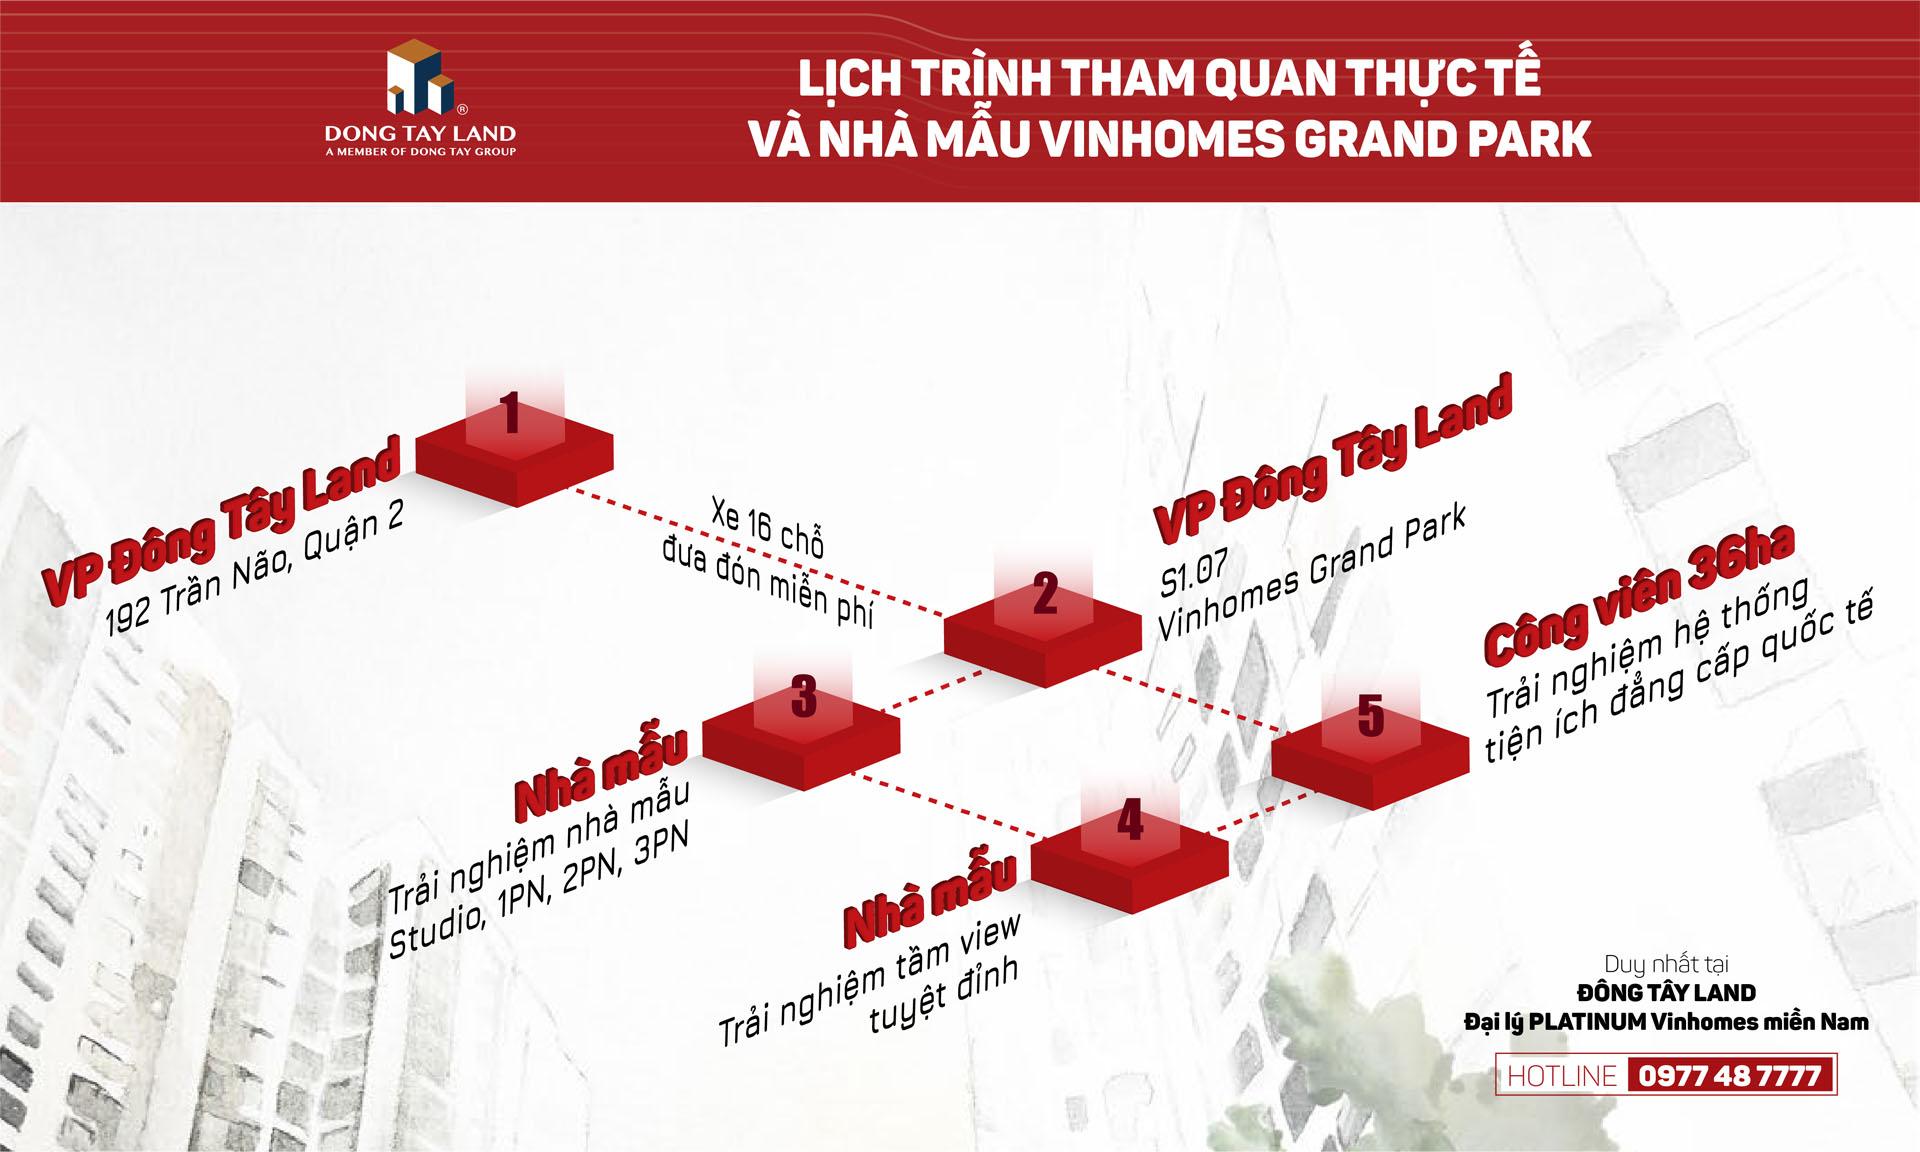 Lịch trình tham quan thực tế và nhà mẫu dự án The Origami - Vinhomes Grand Park